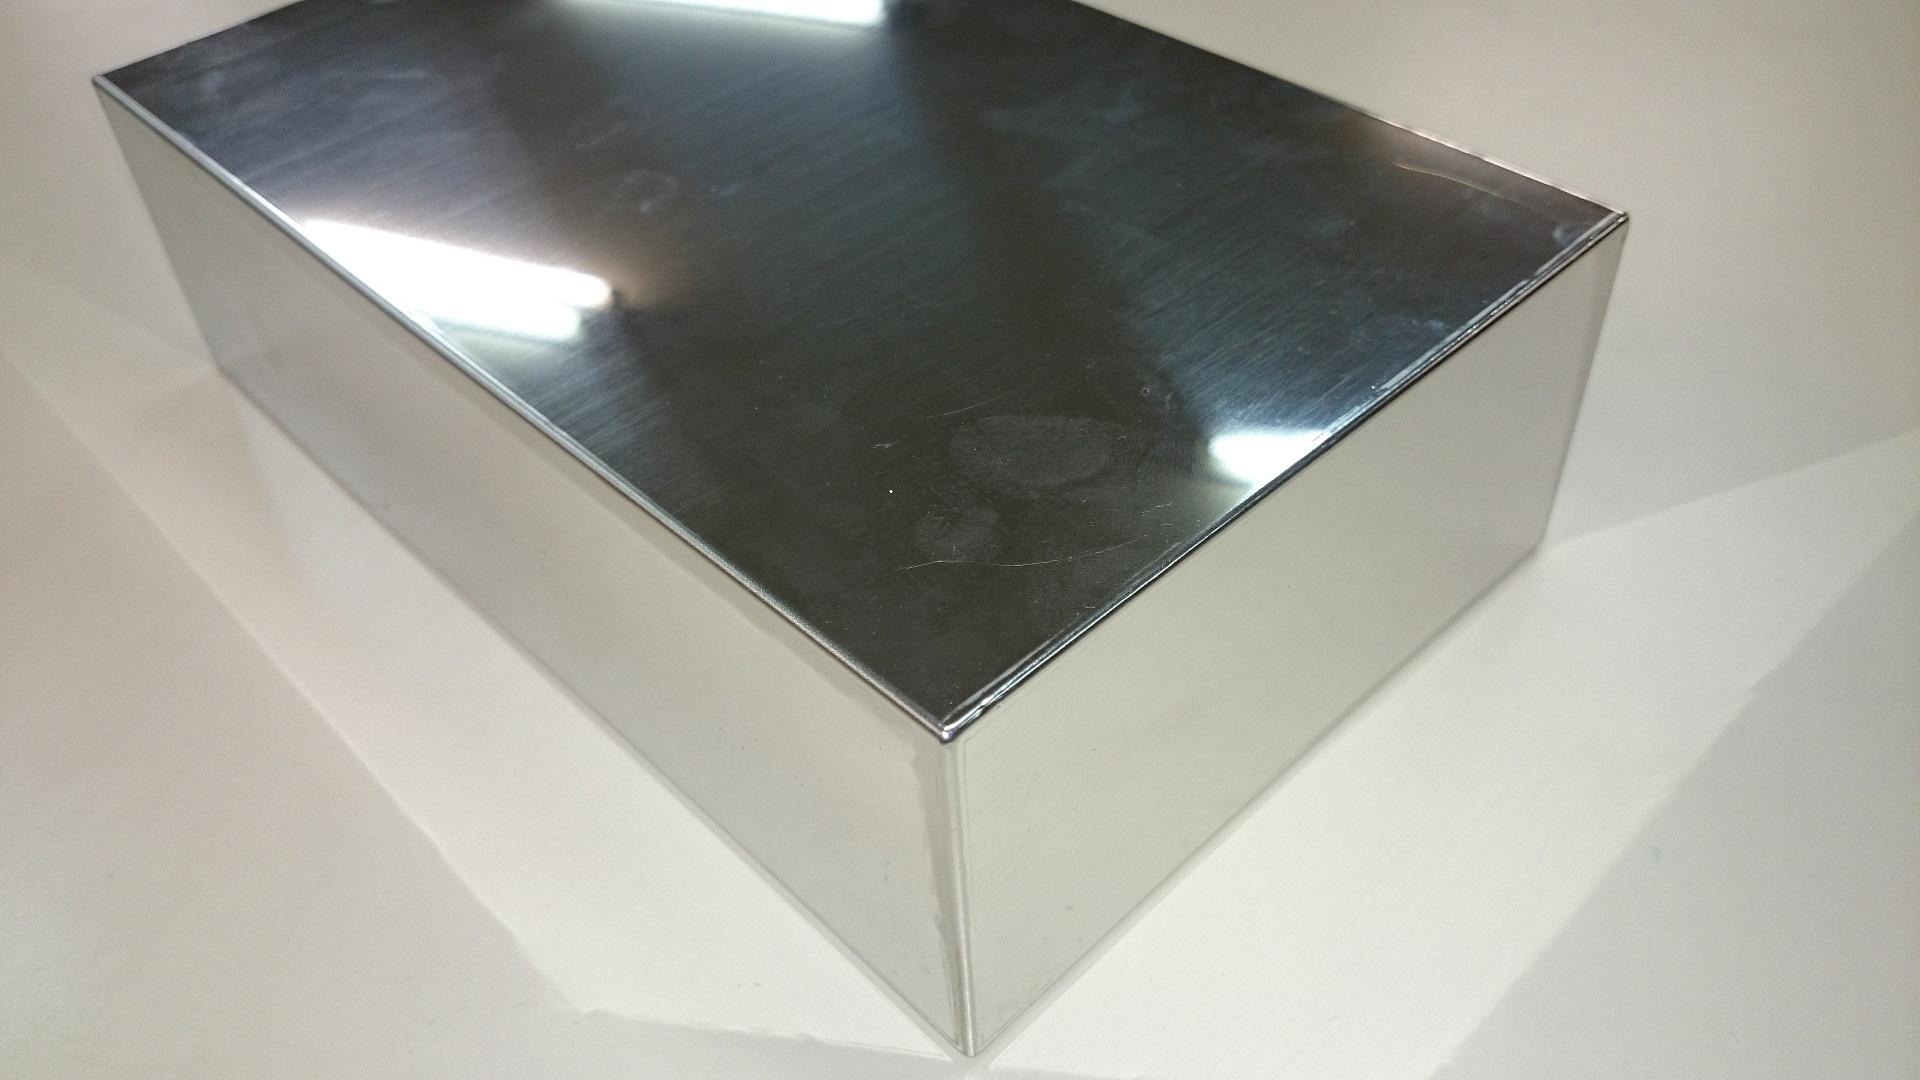 どこを溶接したかがわからないファイバレーザを用いたステンレス精密板金溶接